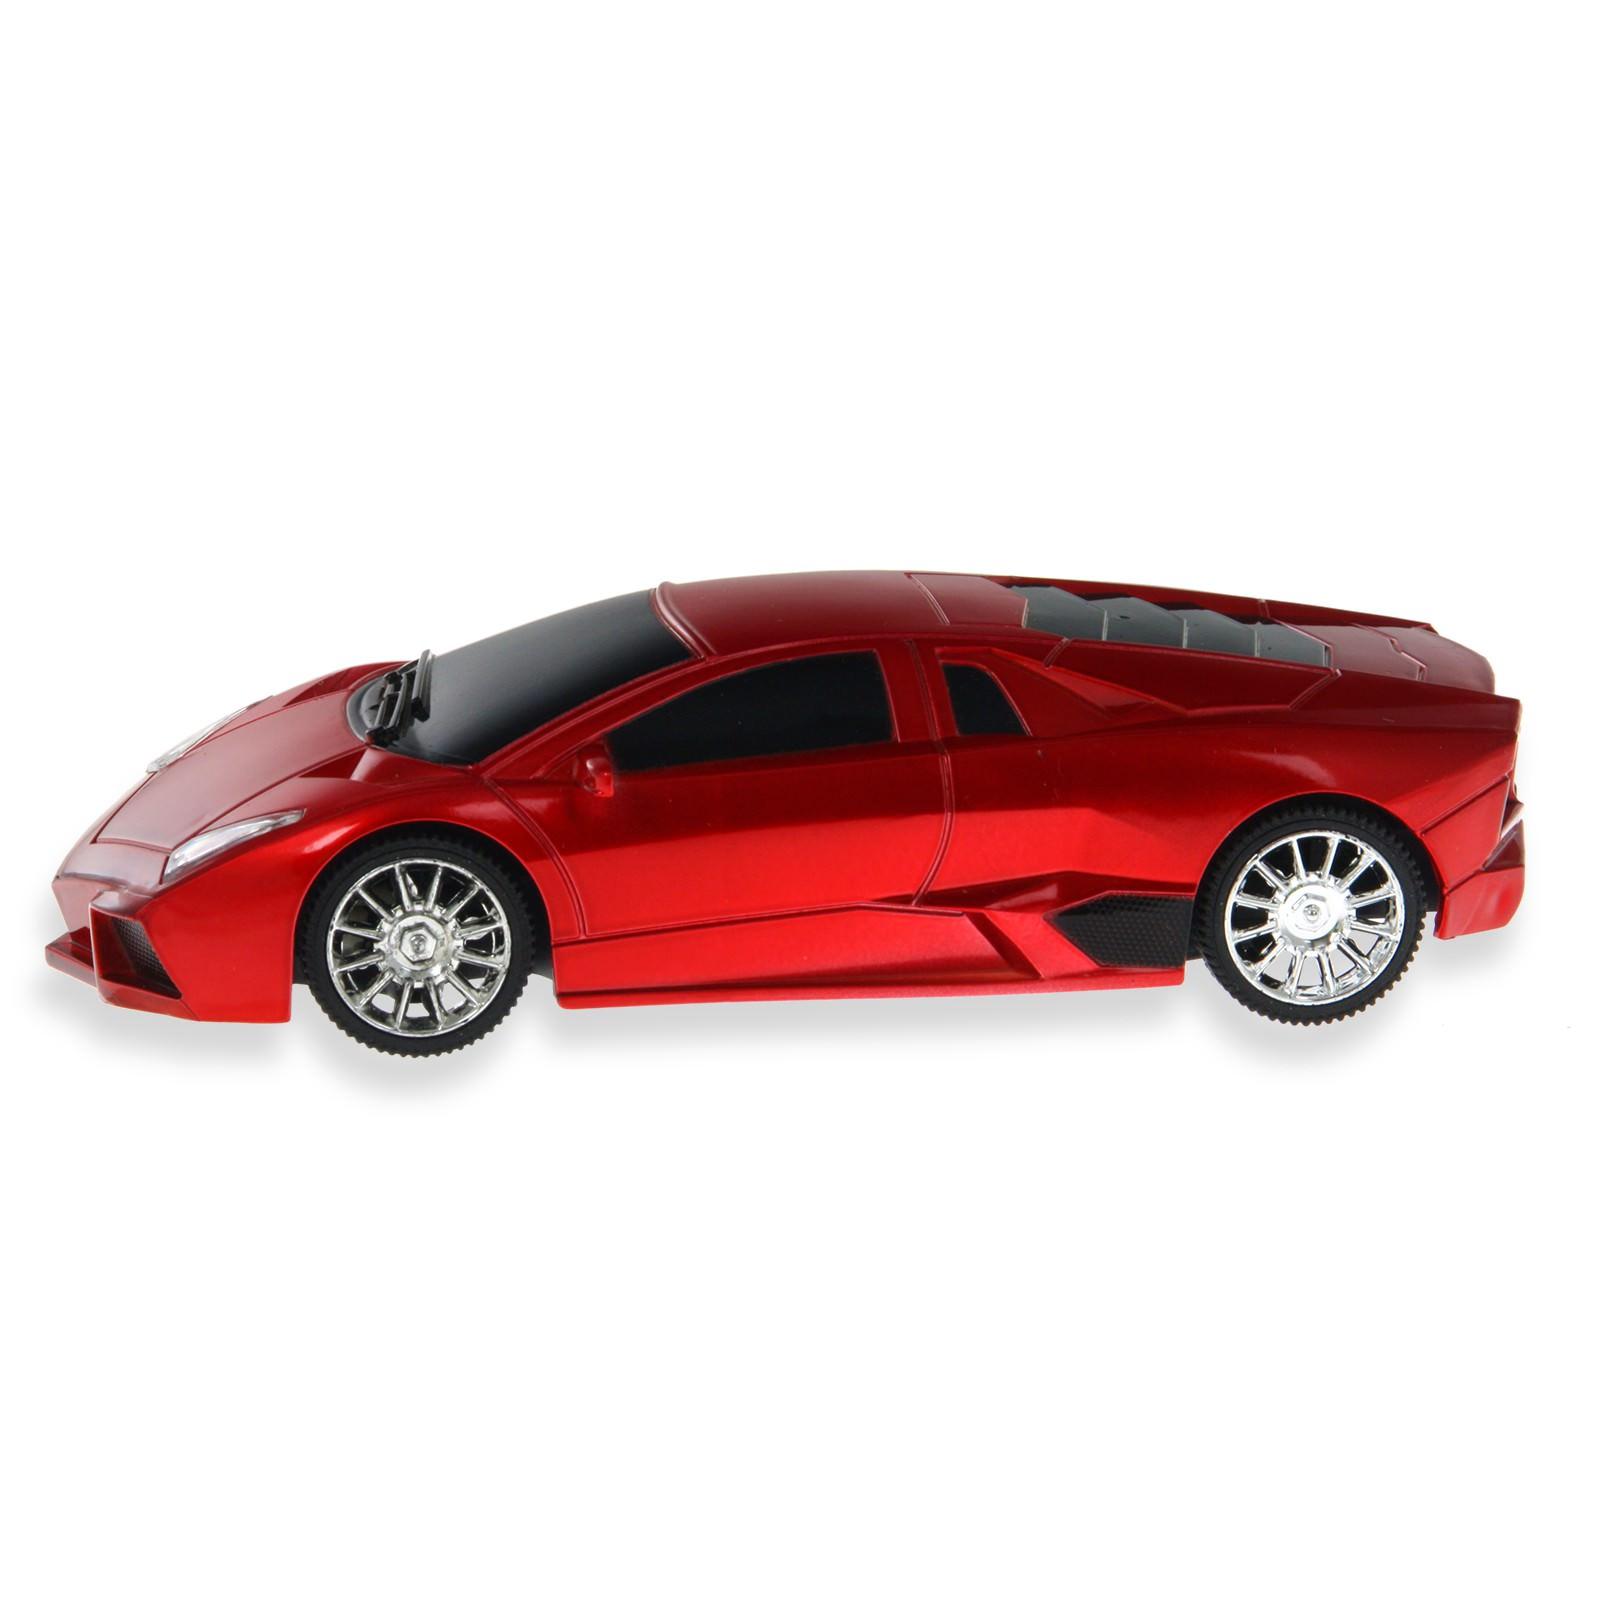 Fast Car LF08 Red Lambo RC Car At Hobby Warehouse